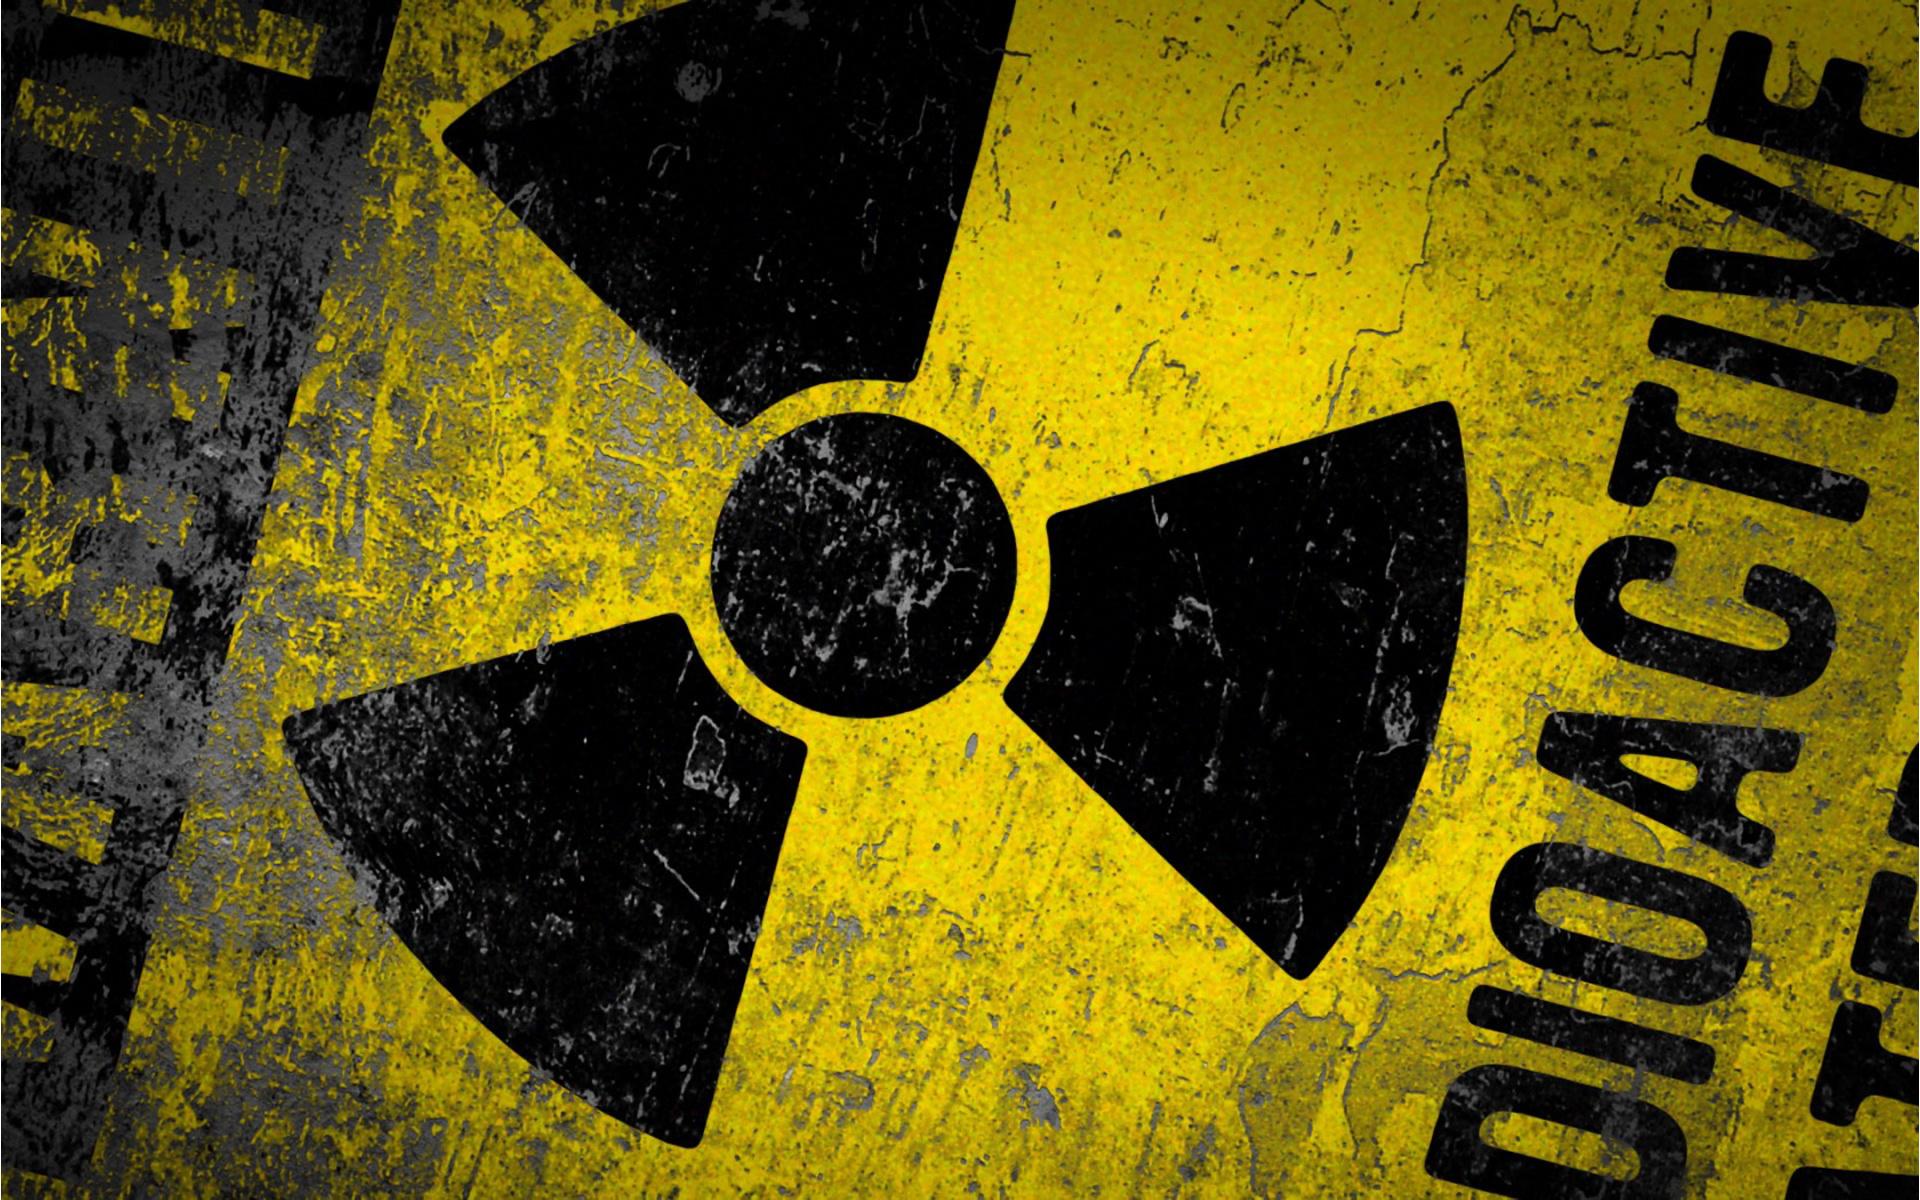 В США испытали систему оповещения на случай ядерного удара